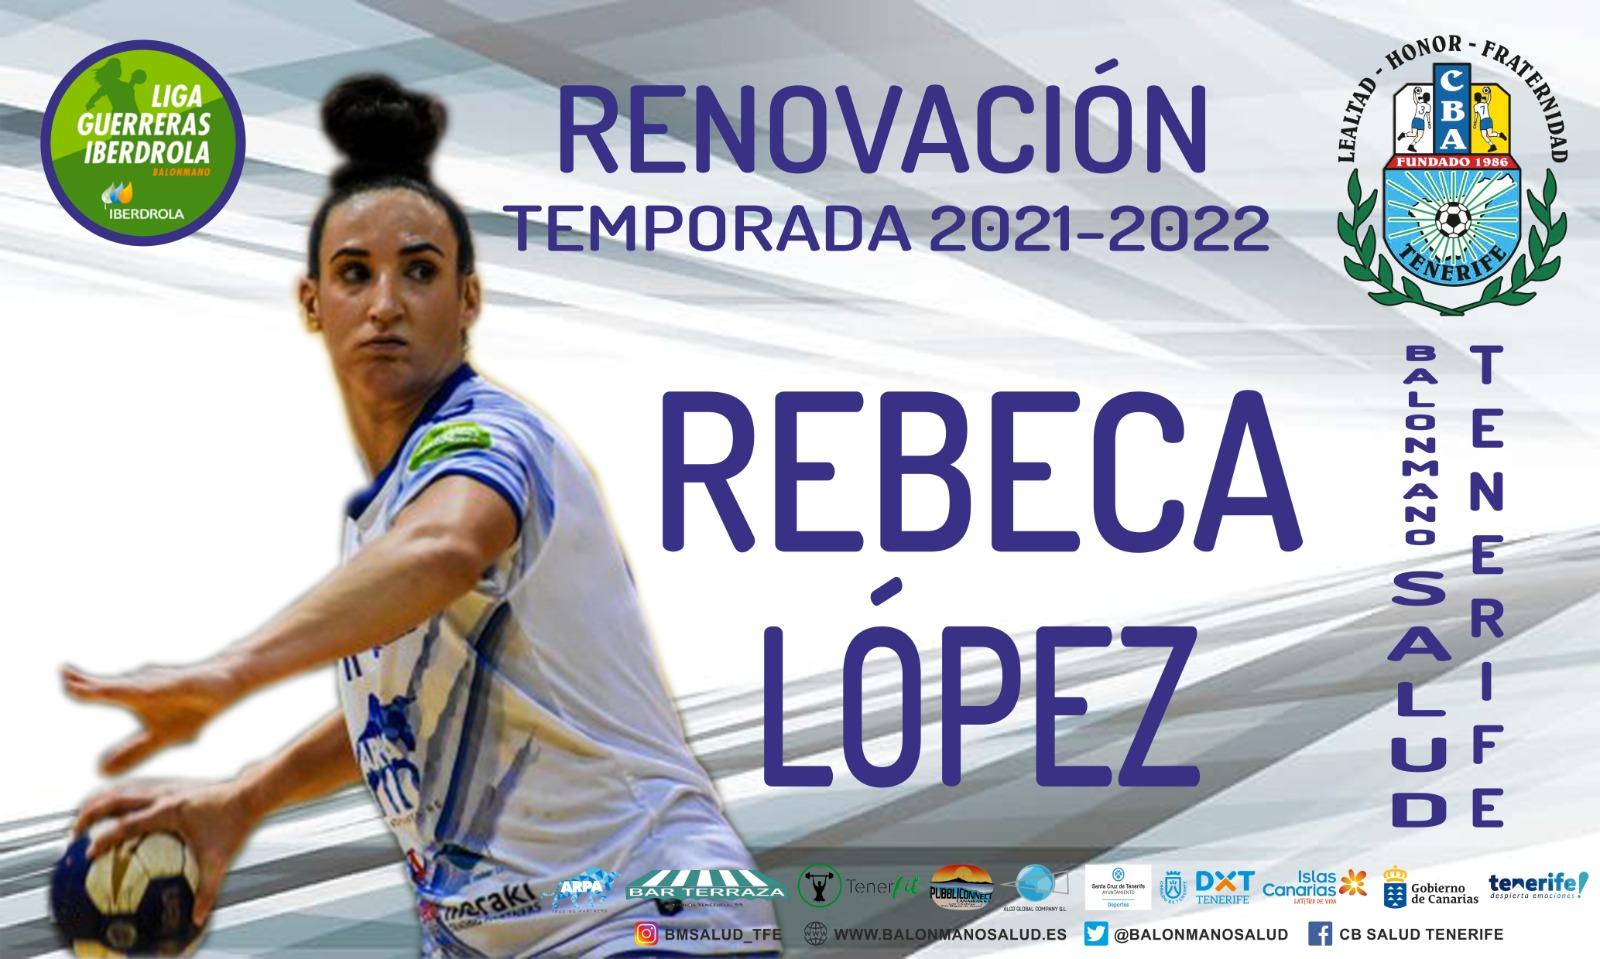 El Balonmano Salud cierra la renovación de Rebeca López, pieza clave para las tinerfeñas